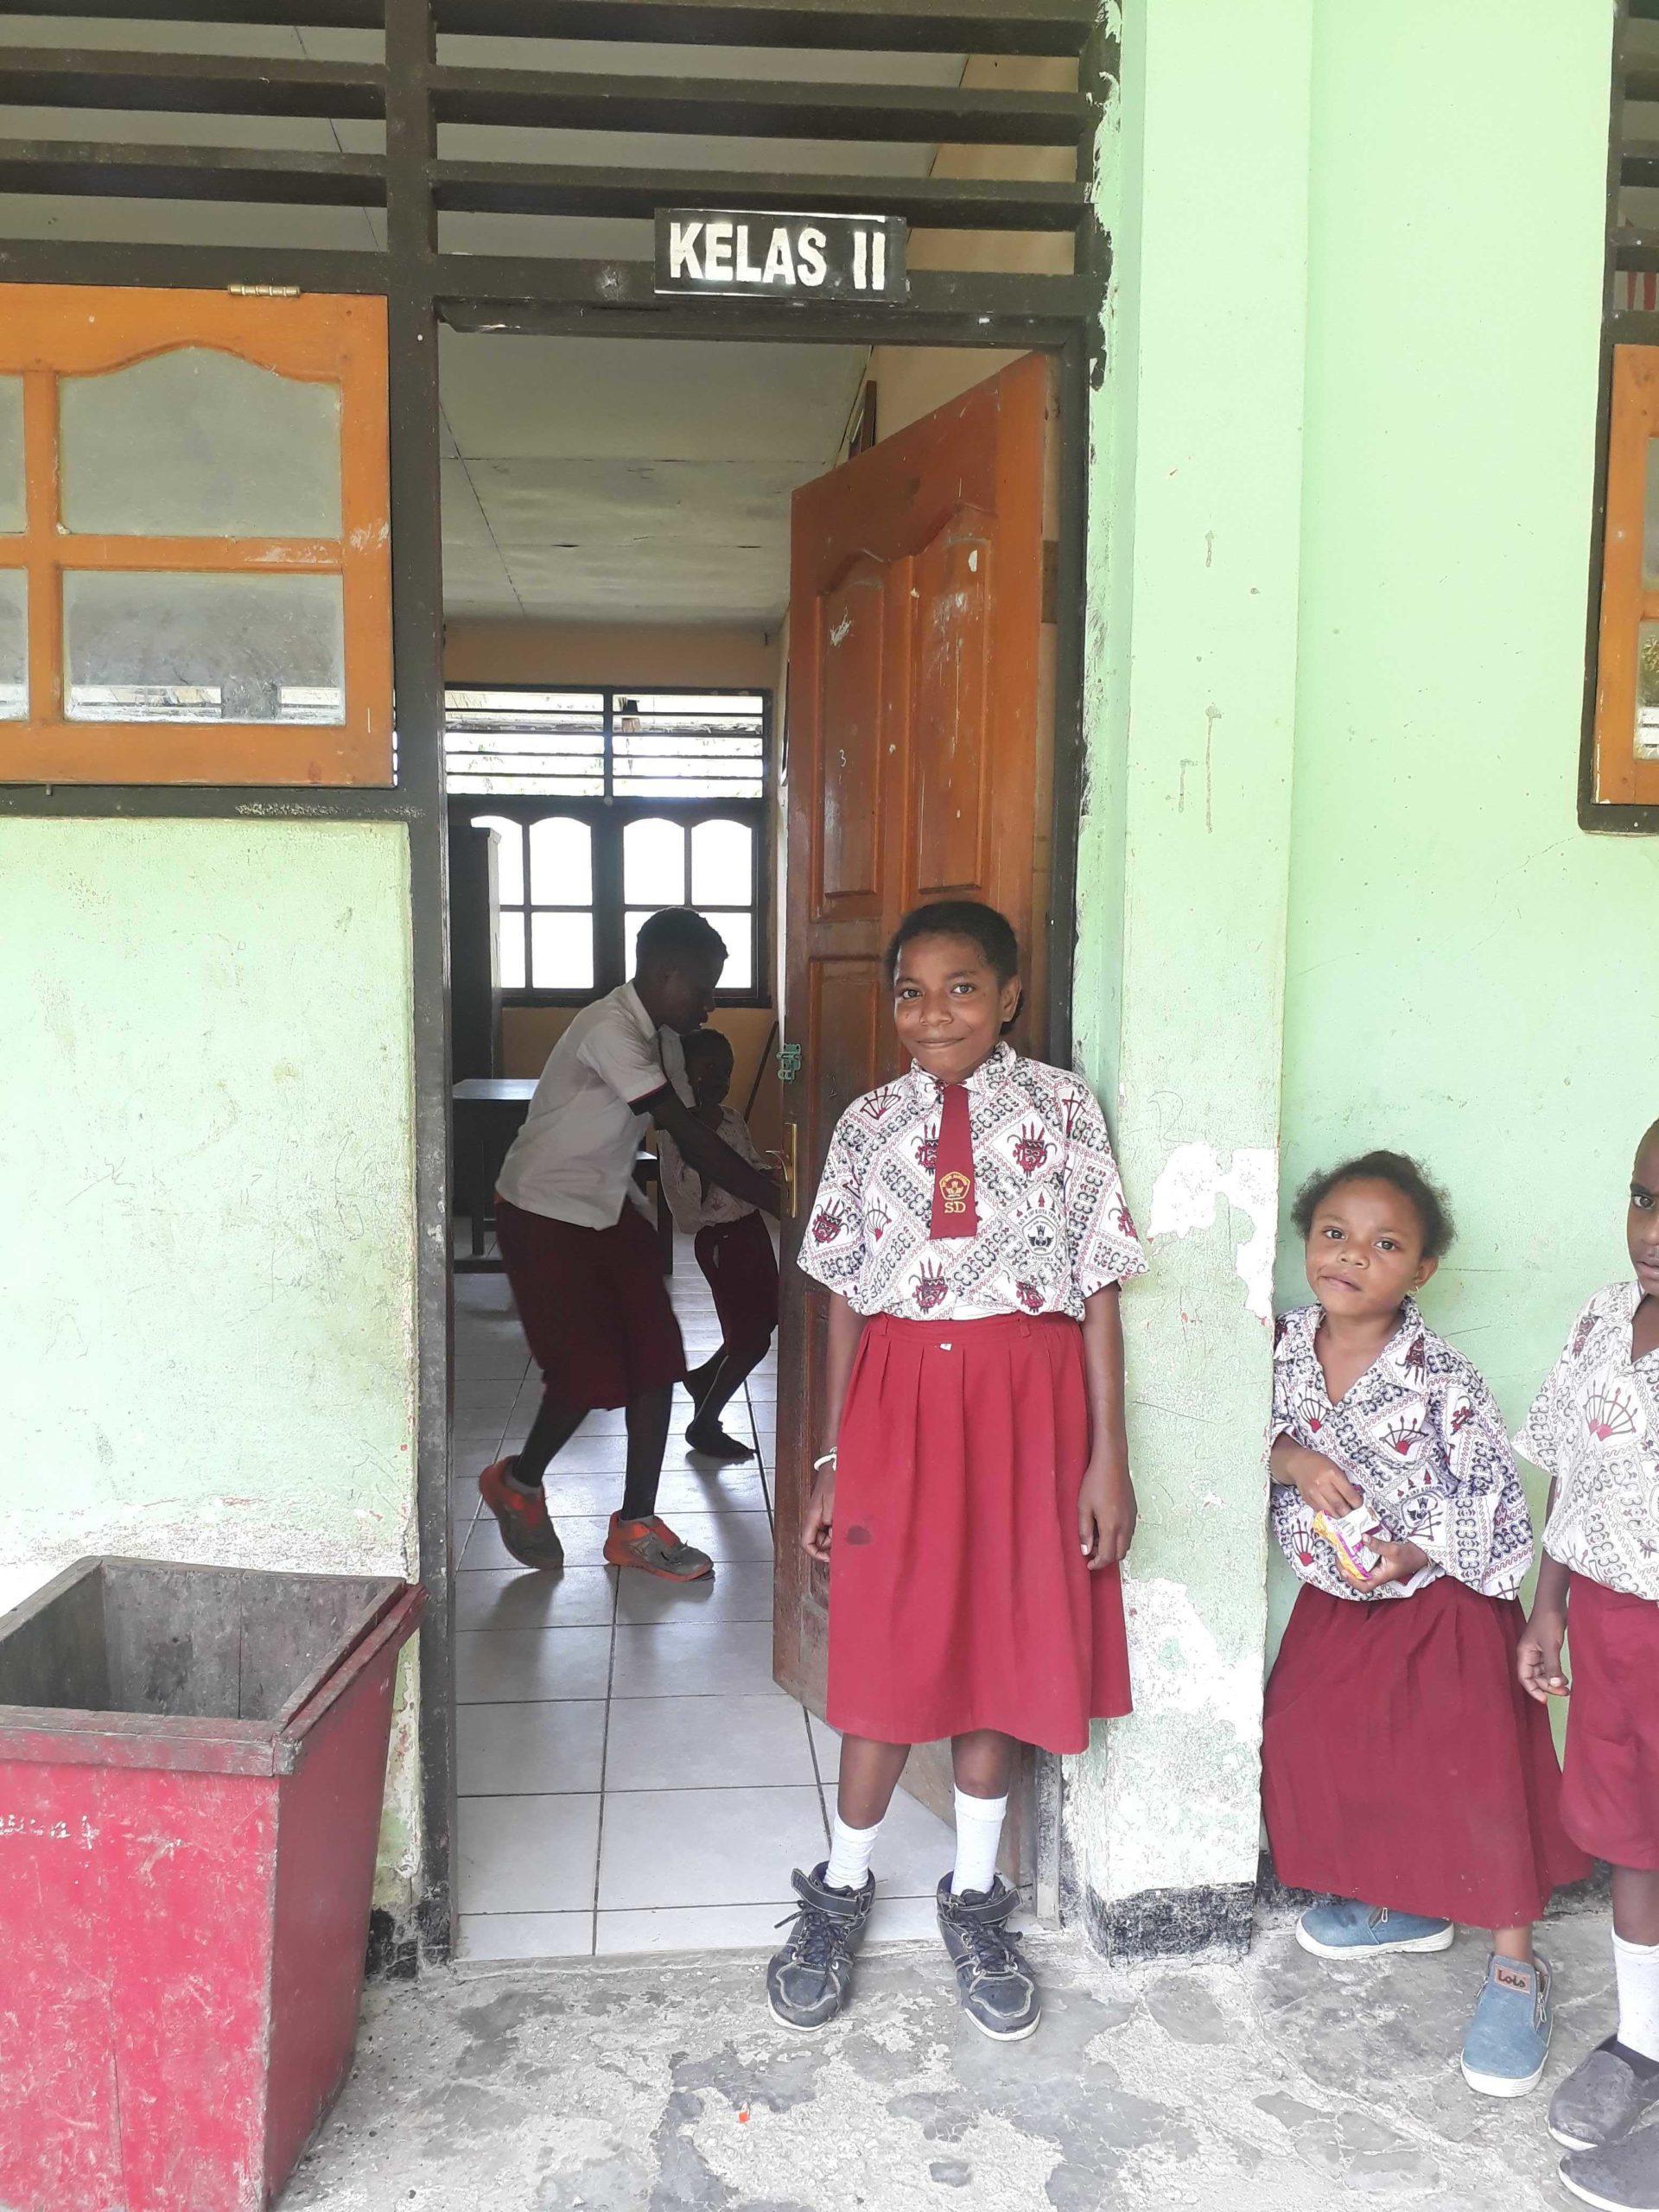 Rossi bij de ingang van haar klas